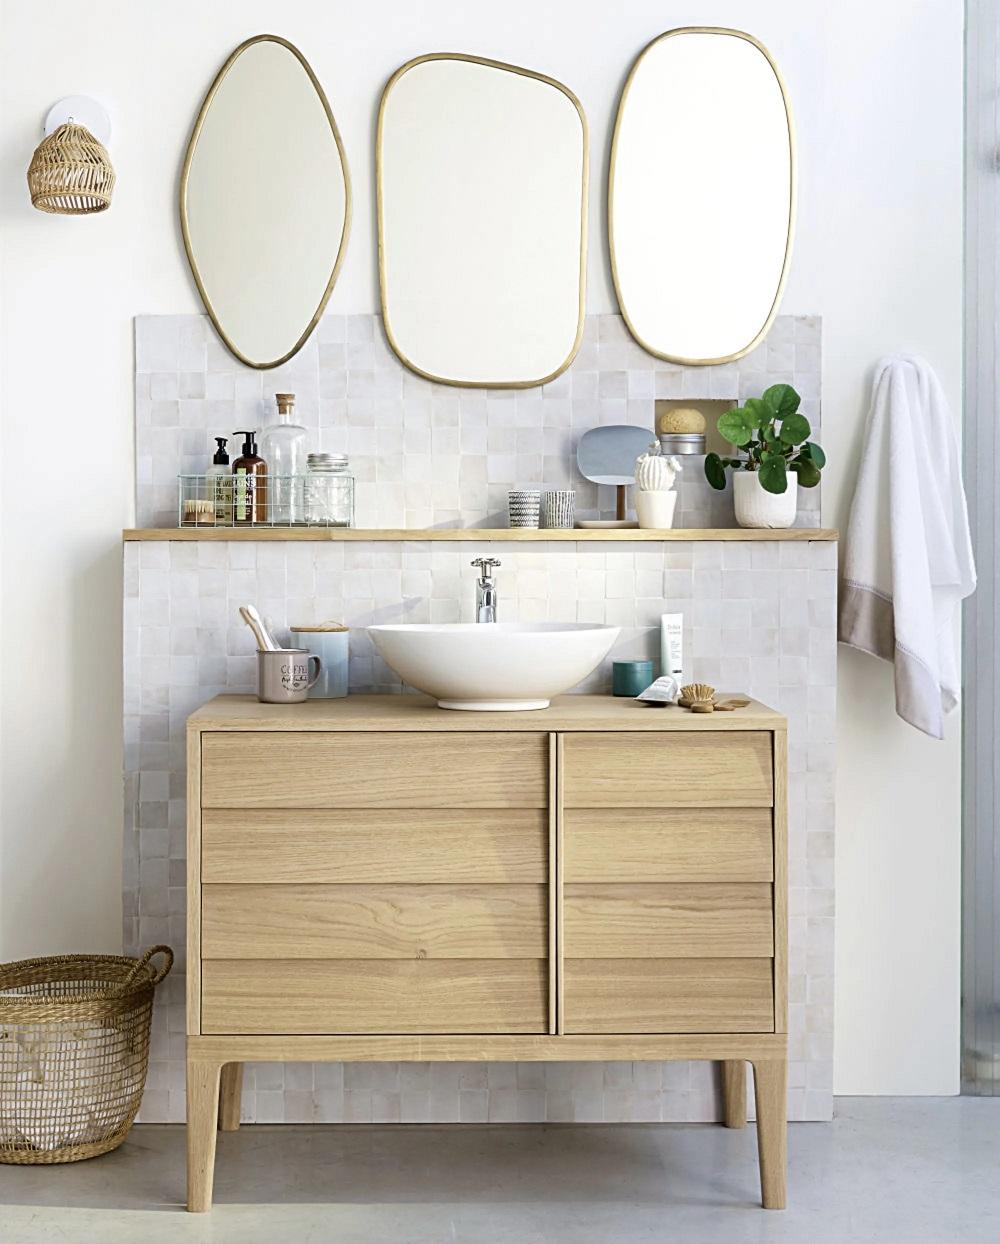 Meuble Sous Lavabo Maison Du Monde meuble vasque 2 portes sand - meuble de salle de bain